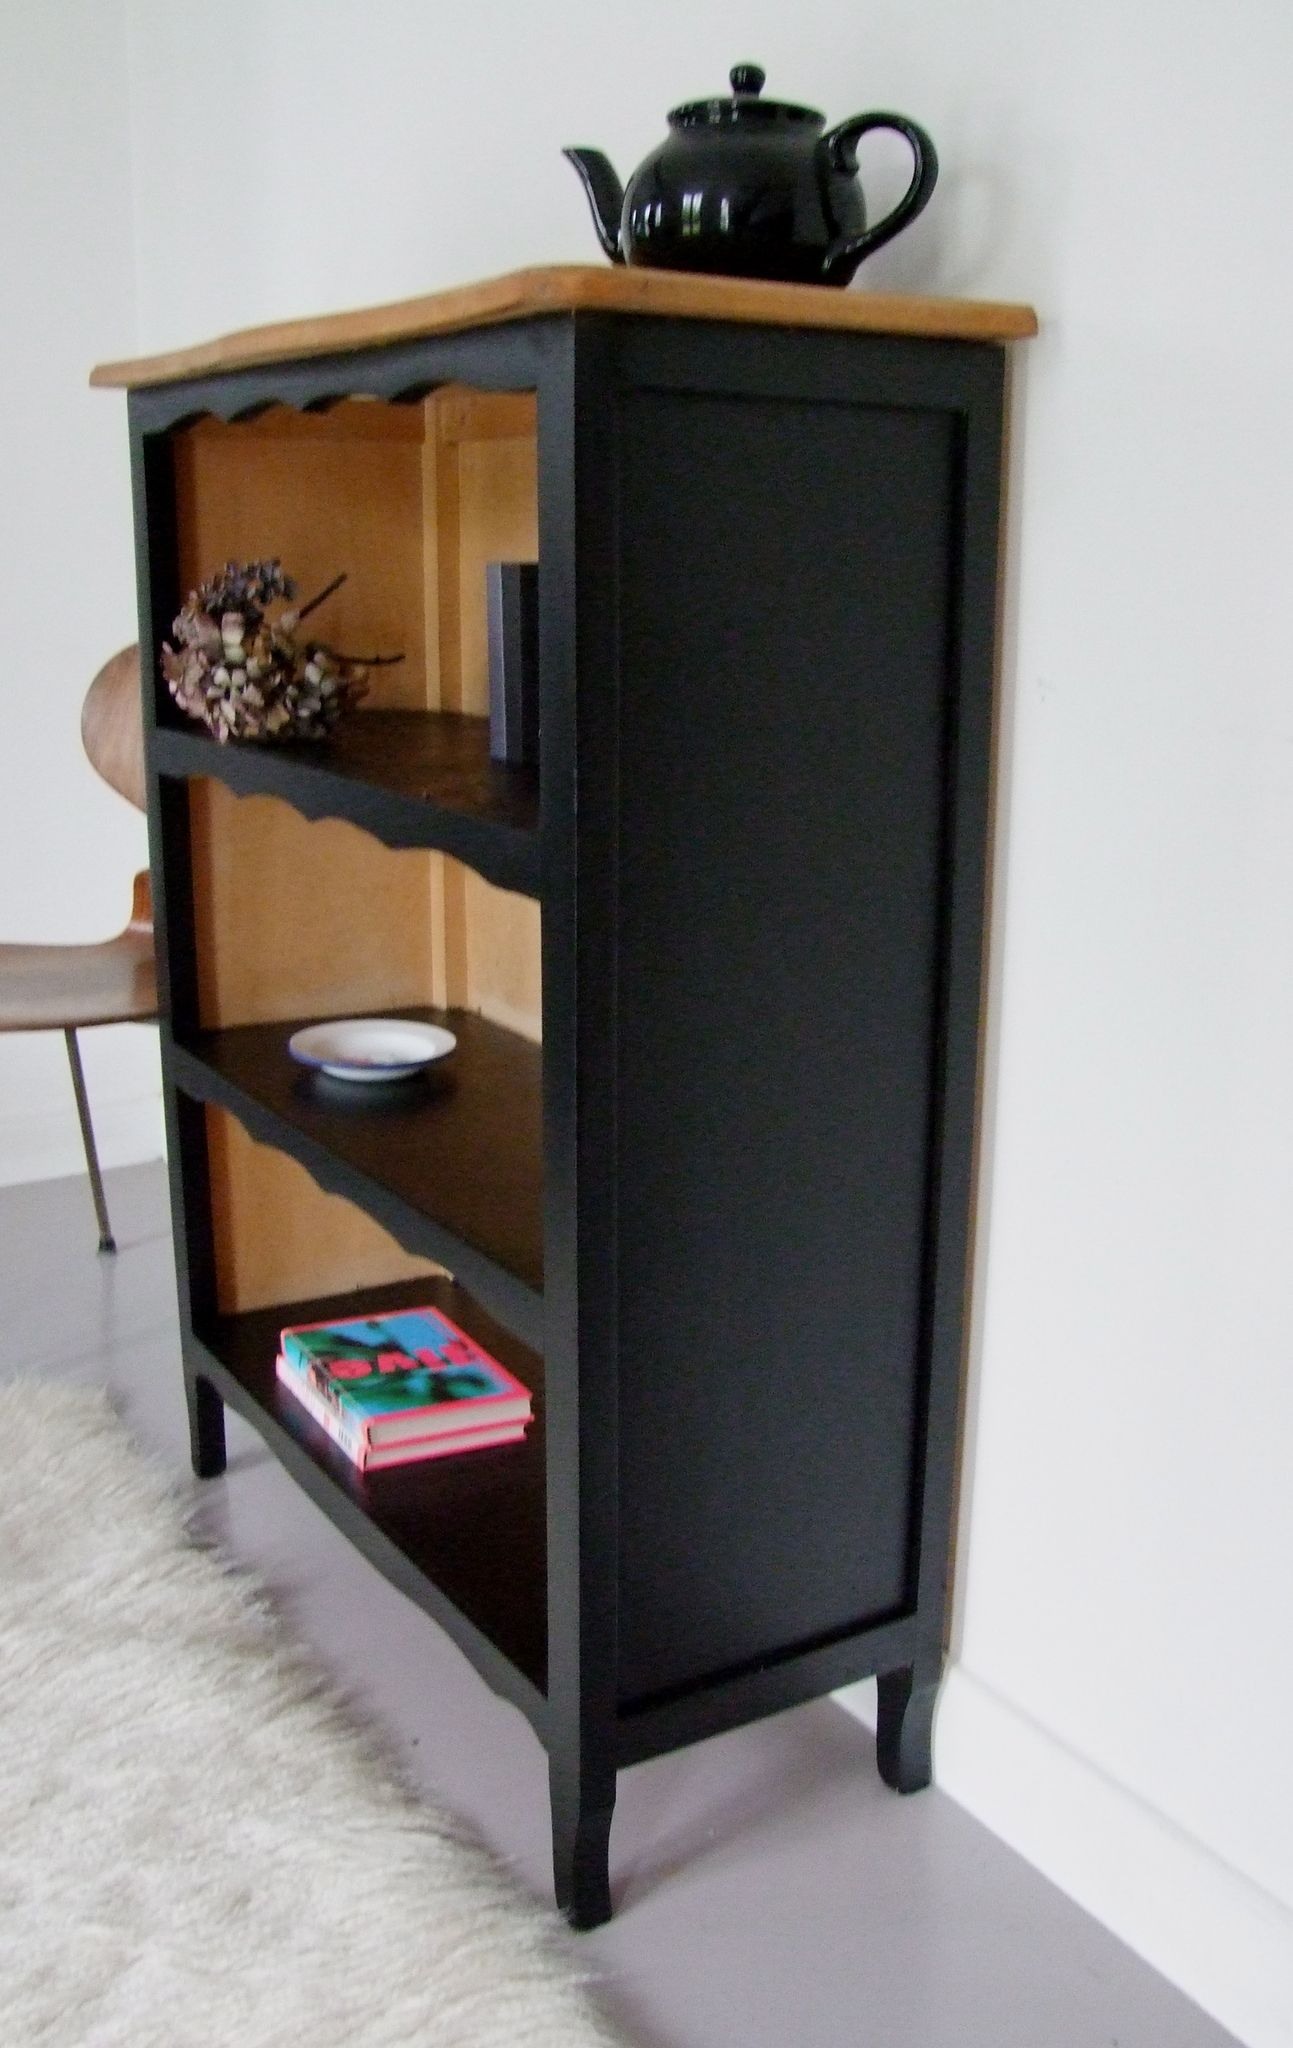 Epingle Par Ildiko Marton Sur Re Design Mobilier De Salon Relooking De Mobilier Relooker Meuble